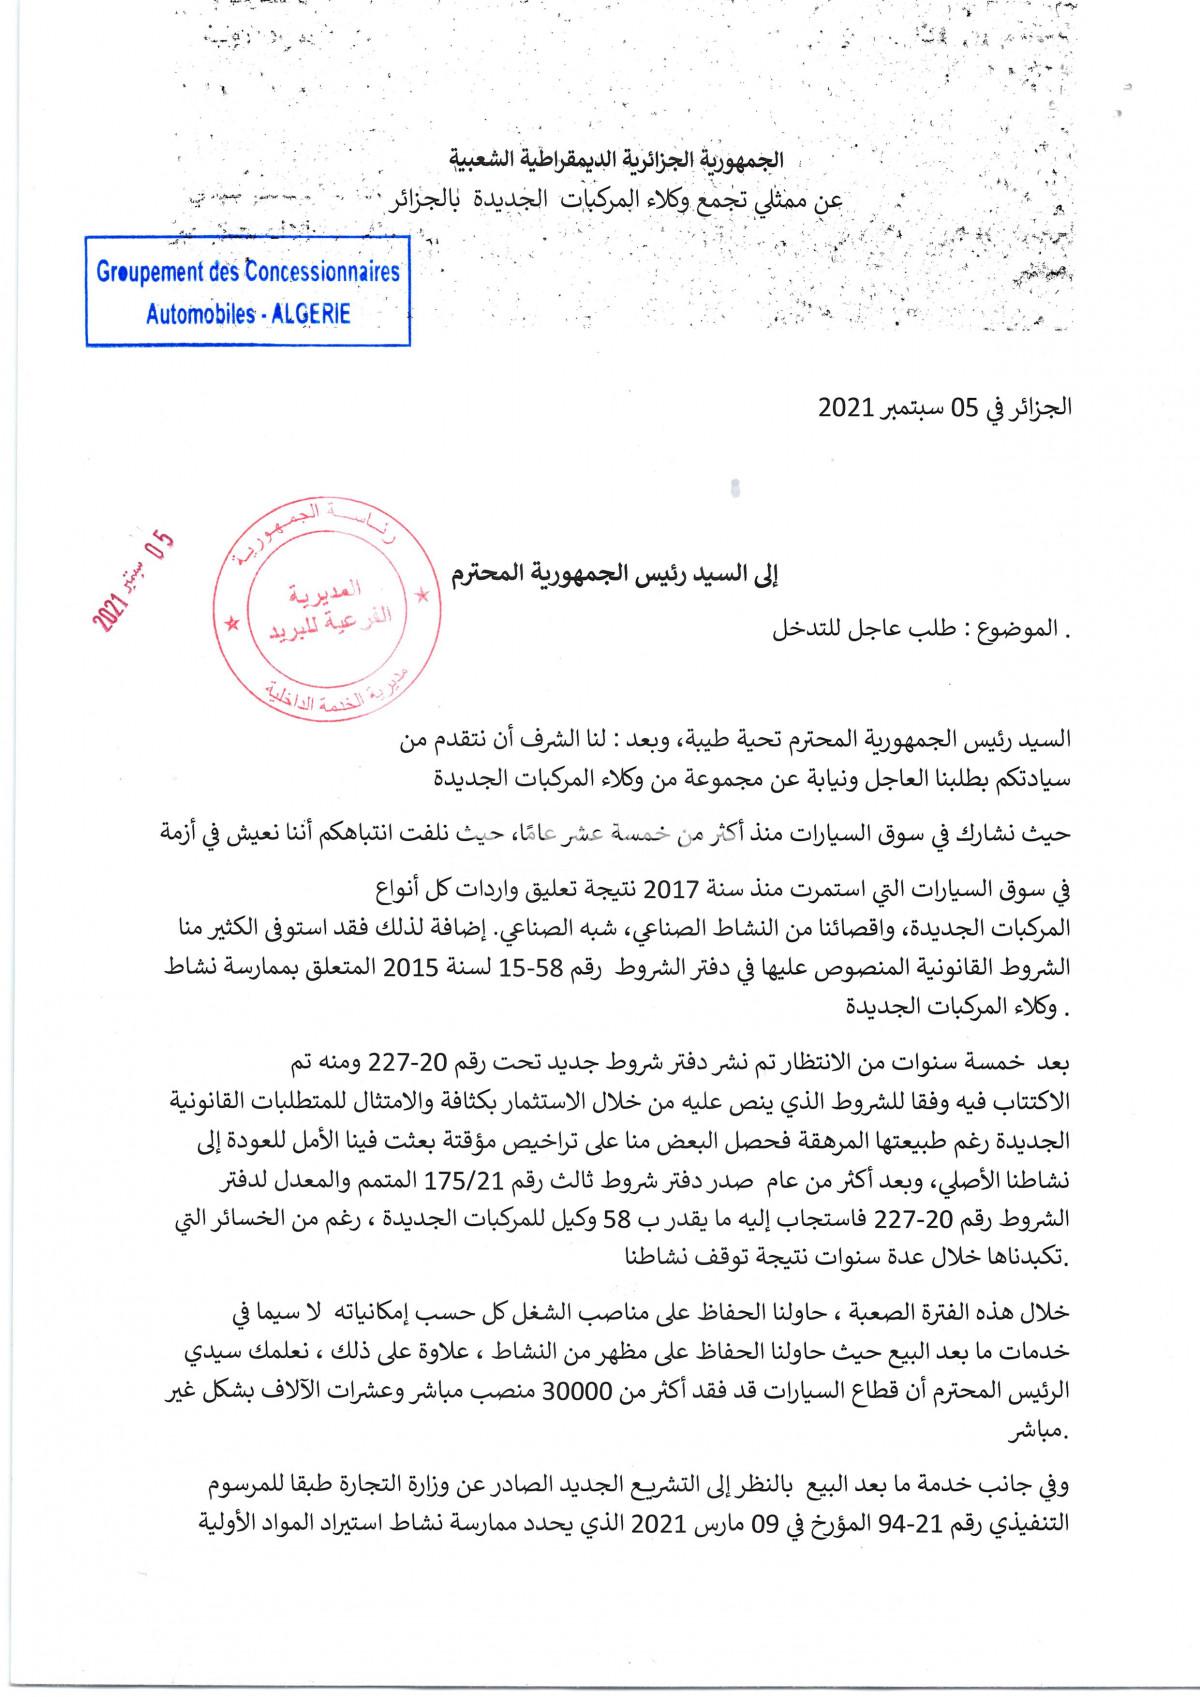 طلب عاجل مكوب للتدخل إلى رئاسة الجمهورية